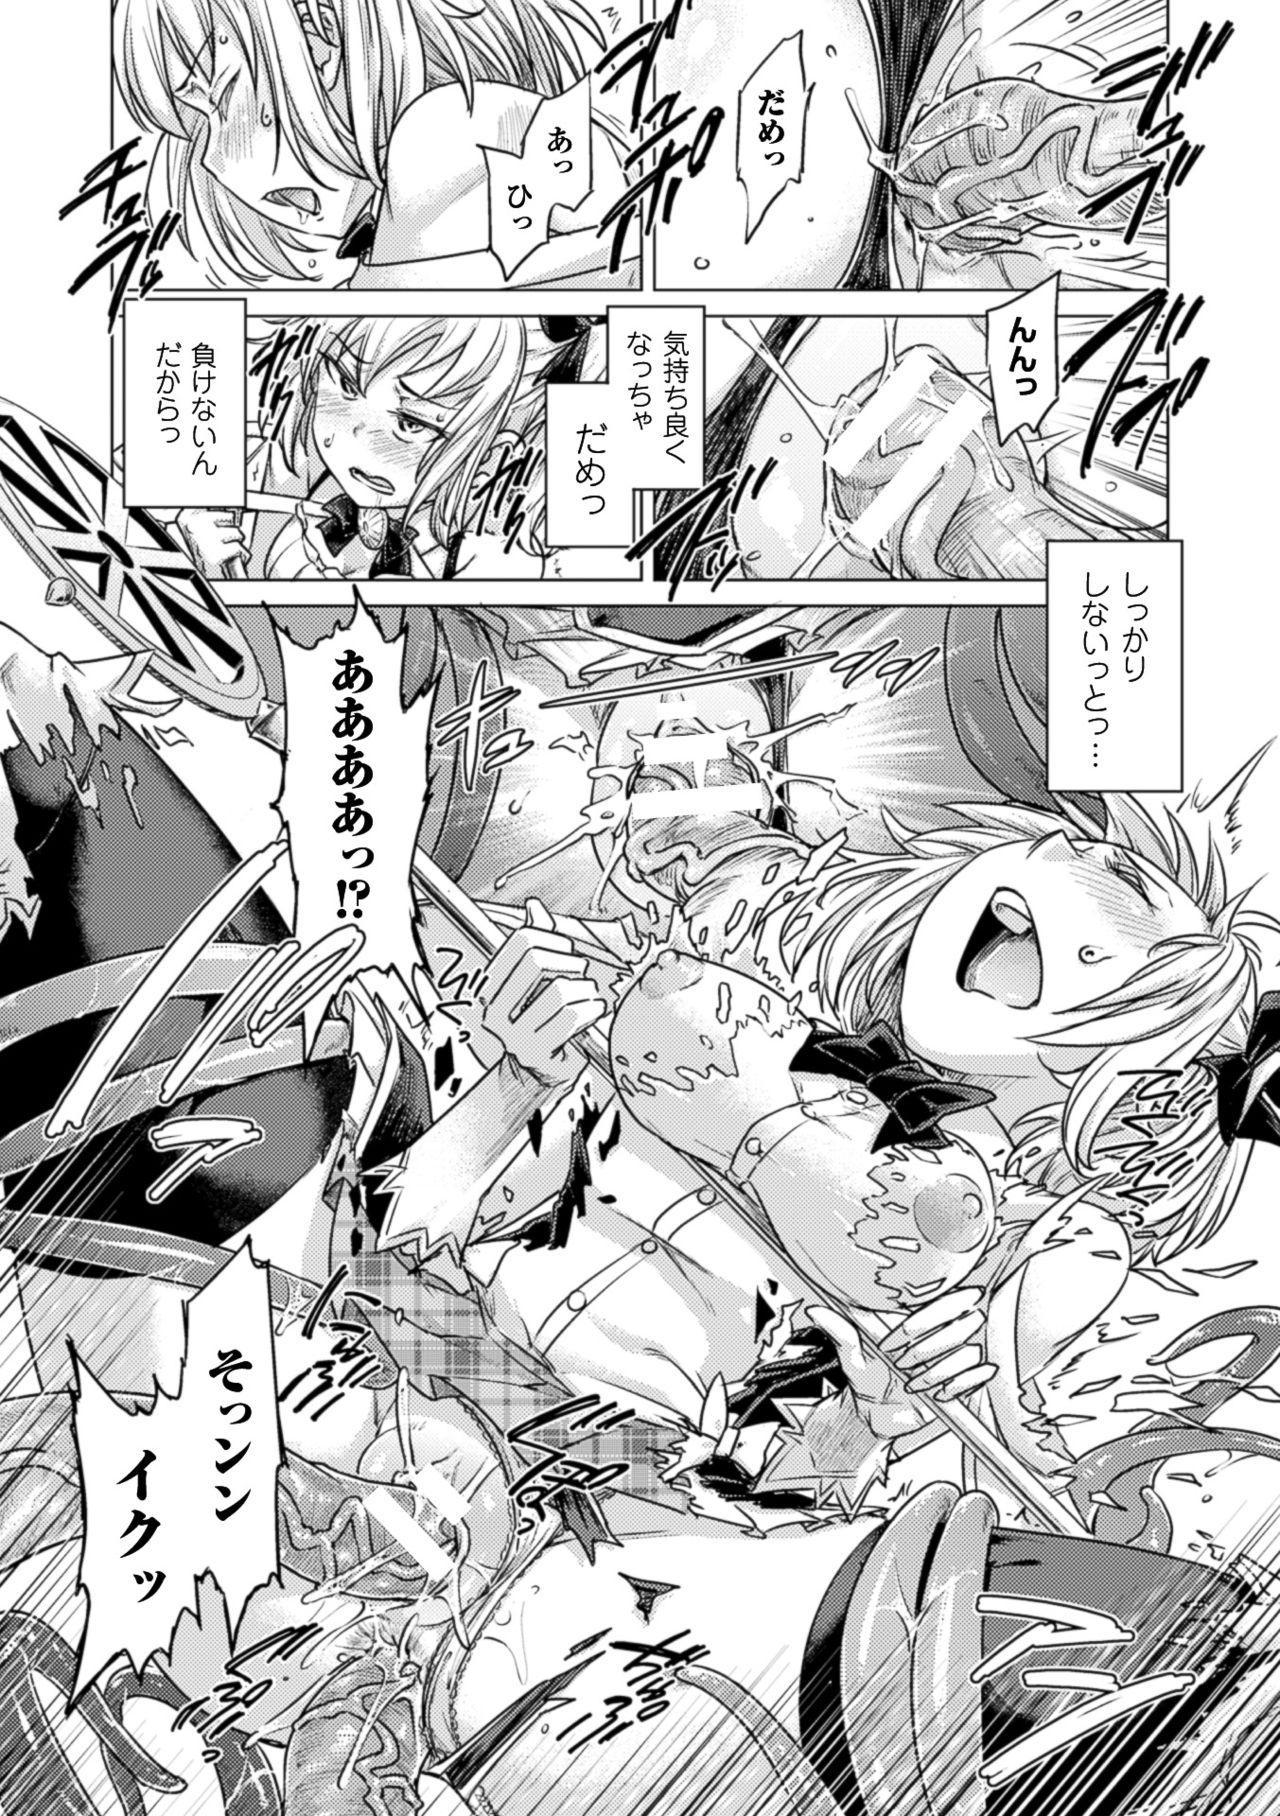 2D Comic Magazine Energy Kyuushuu Sarete Haiboku Shite Shimau Heroine-tachi Vol. 4 51